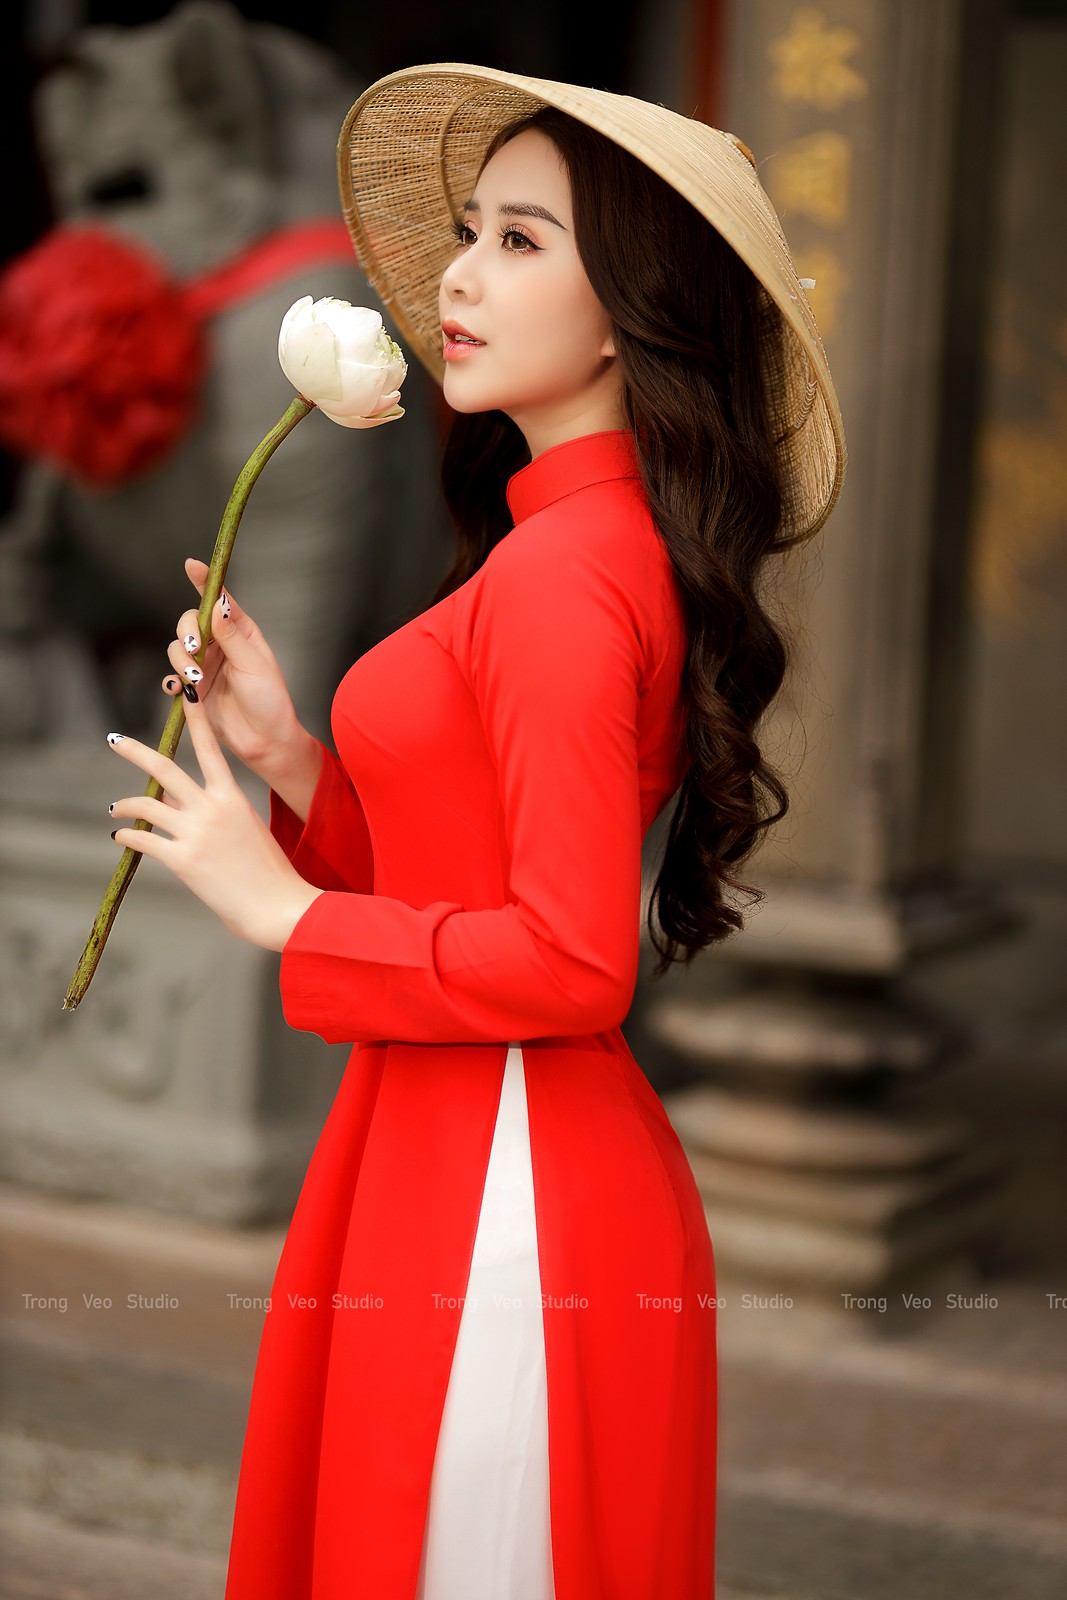 Ngắm hot girl Lục Anh xinh đẹp như hoa không sao tả xiết trong tà áo dài truyền thống - 9